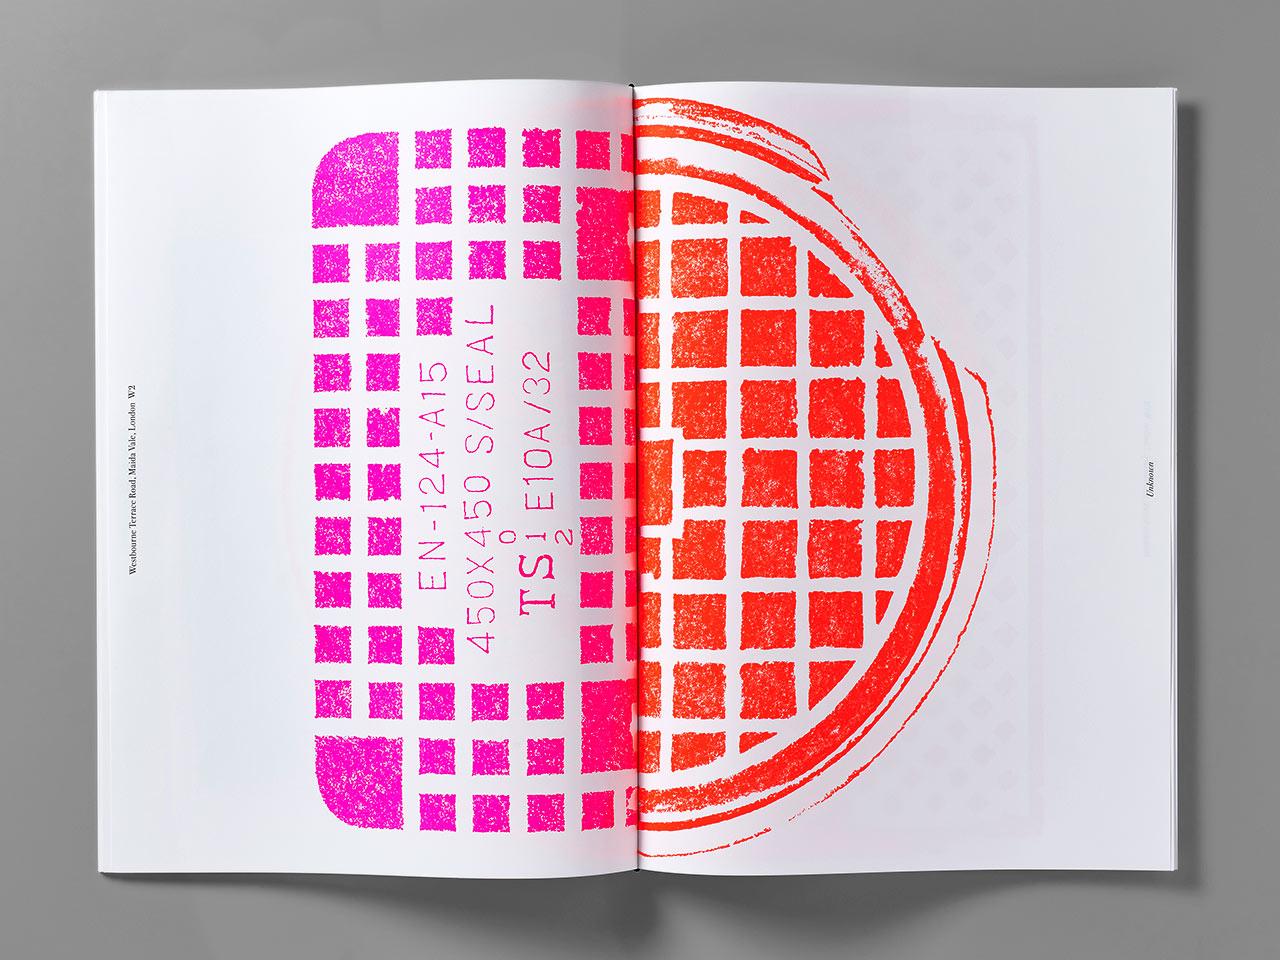 Pentagram_Overlooked-PP-book_16